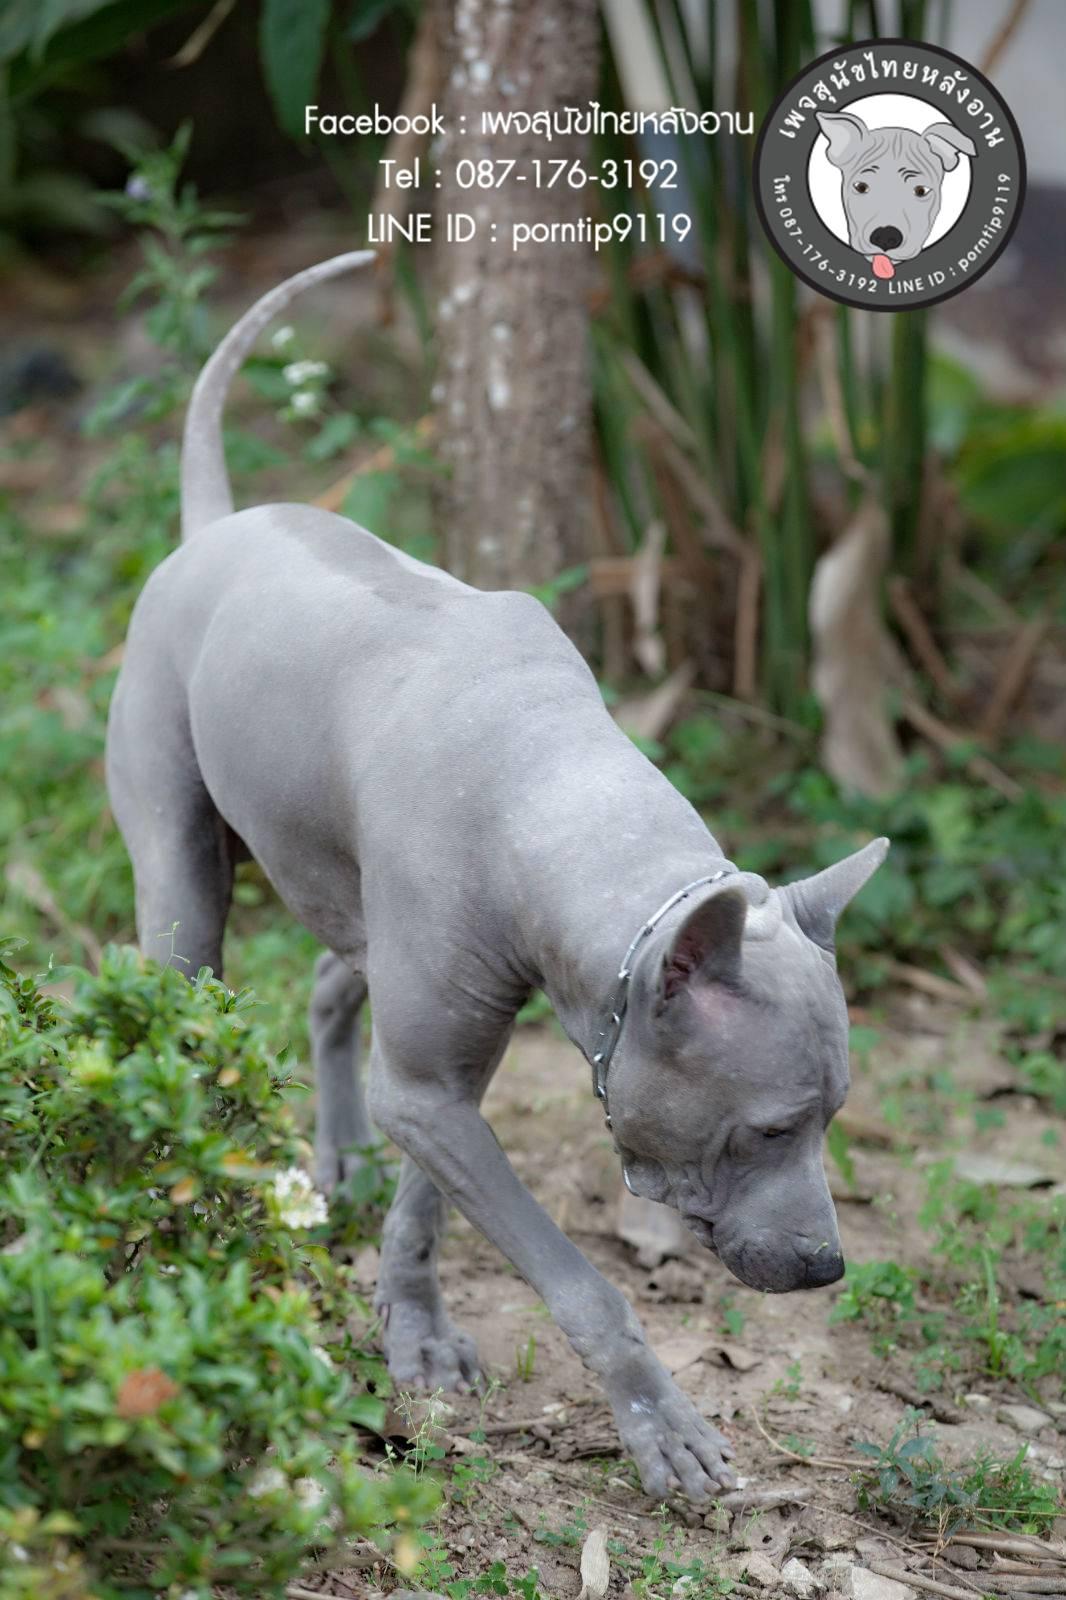 สุนัขไทยหลังอาน ขายสุนัขไทยหลังอาน   ลูกสุนัขไทยหลังอาน พ่อพันธุ์แม่พันธุ์Print-0346_webcamera360_20141224232927